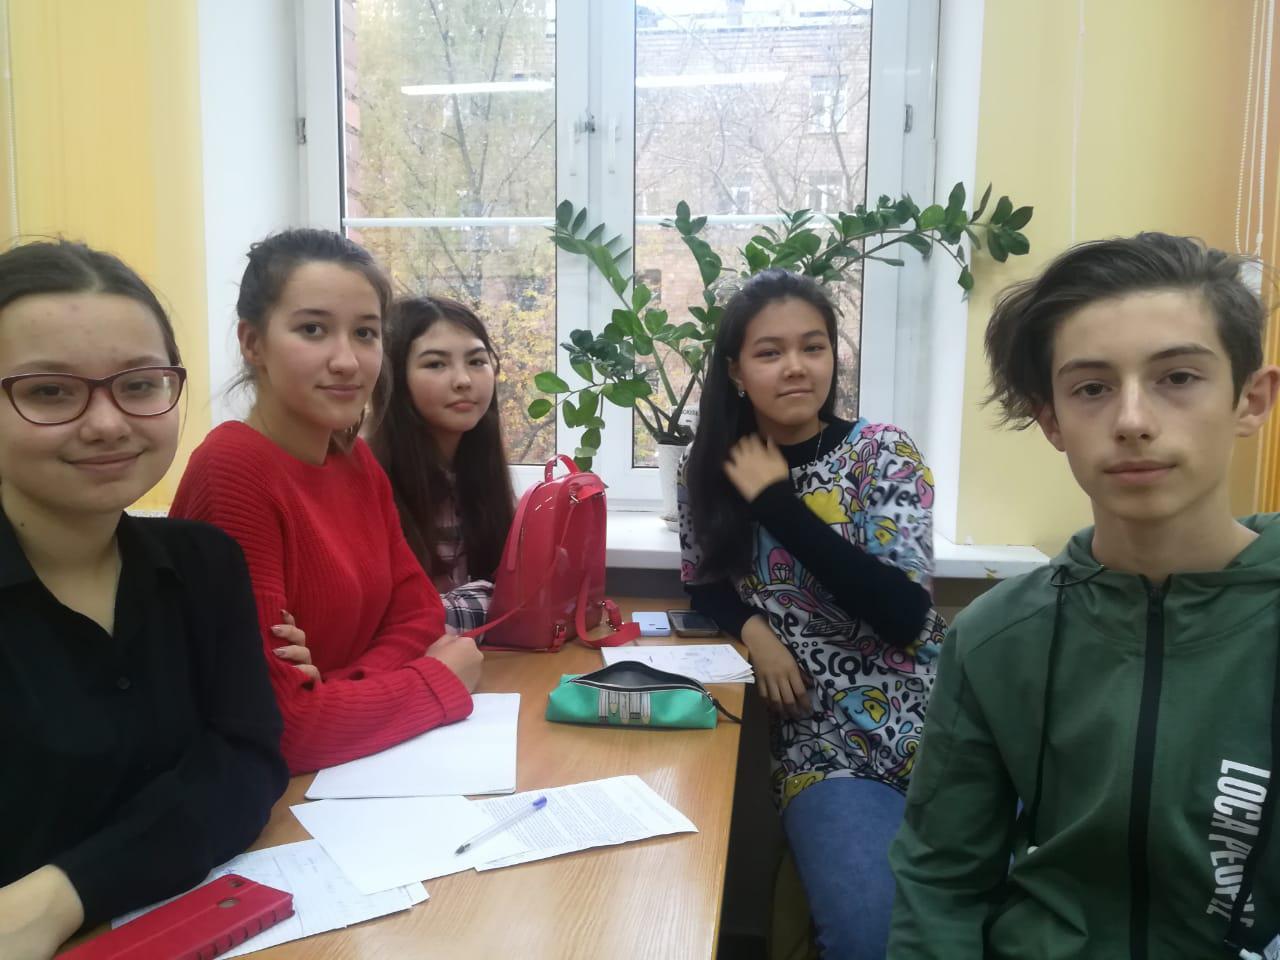 Восьмиклассники из школы № 2048 стали лучшими в математических боях